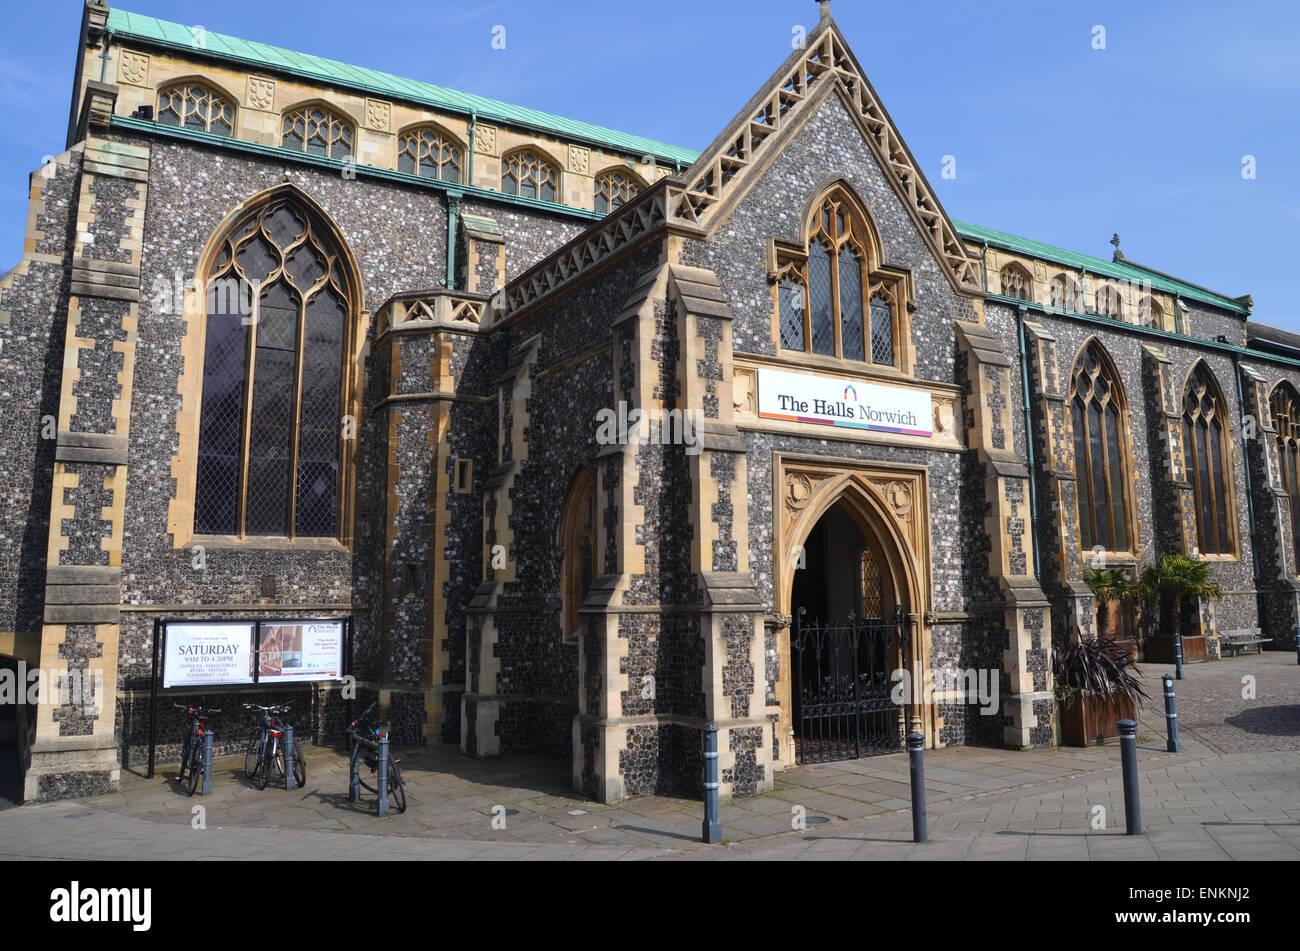 St Andrews Halls, now a concert venue, Norwich April 2015230 - Stock Image